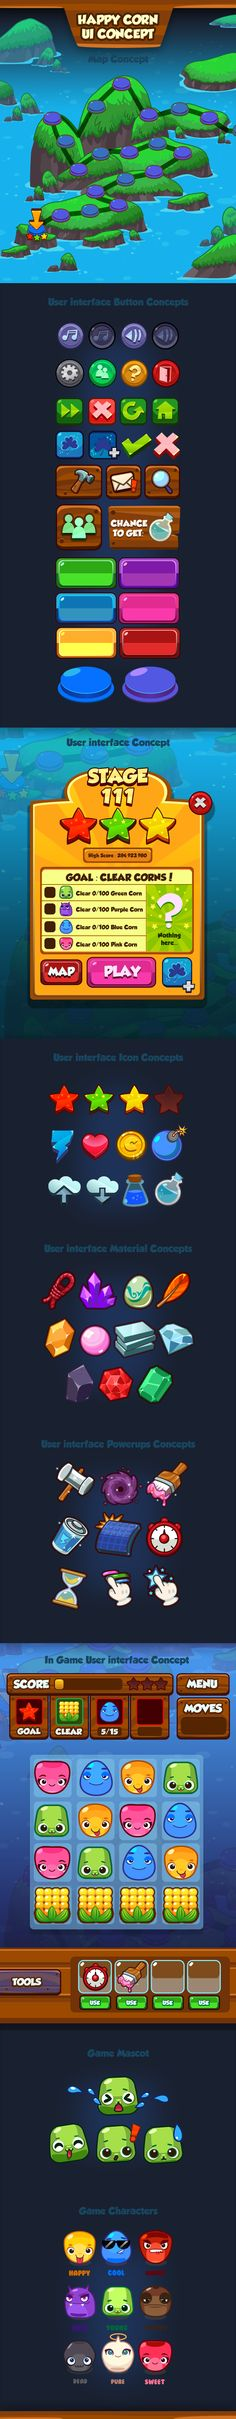 https://www.behance.net/gallery/23271733/Happy-Corn-Concept-UIUX